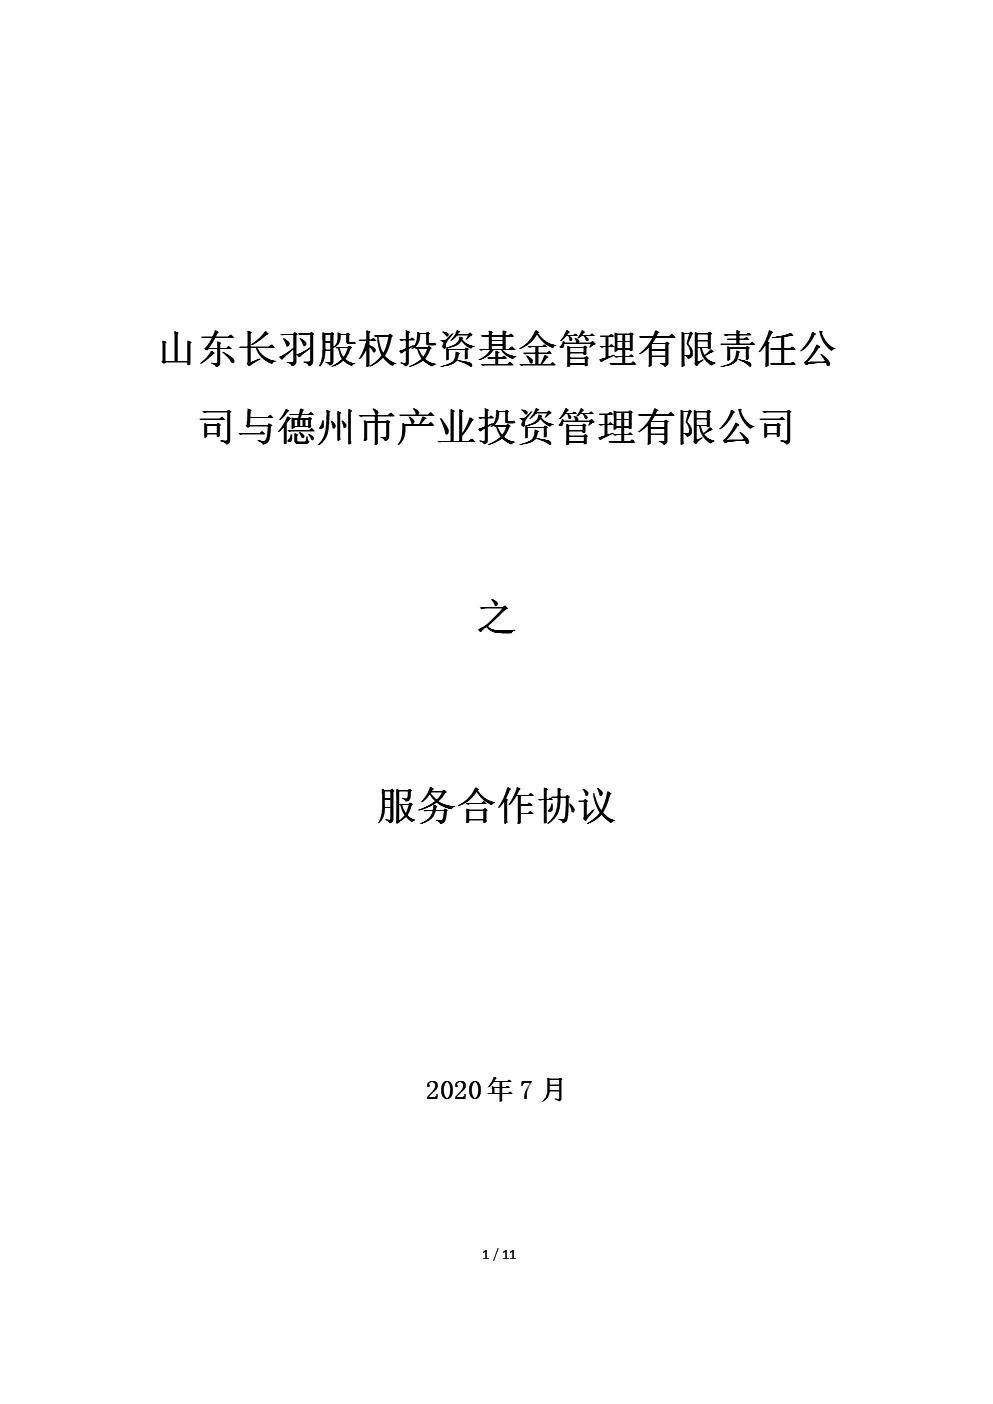 服务合作协议(德州产业)(2)(2)(1).docx